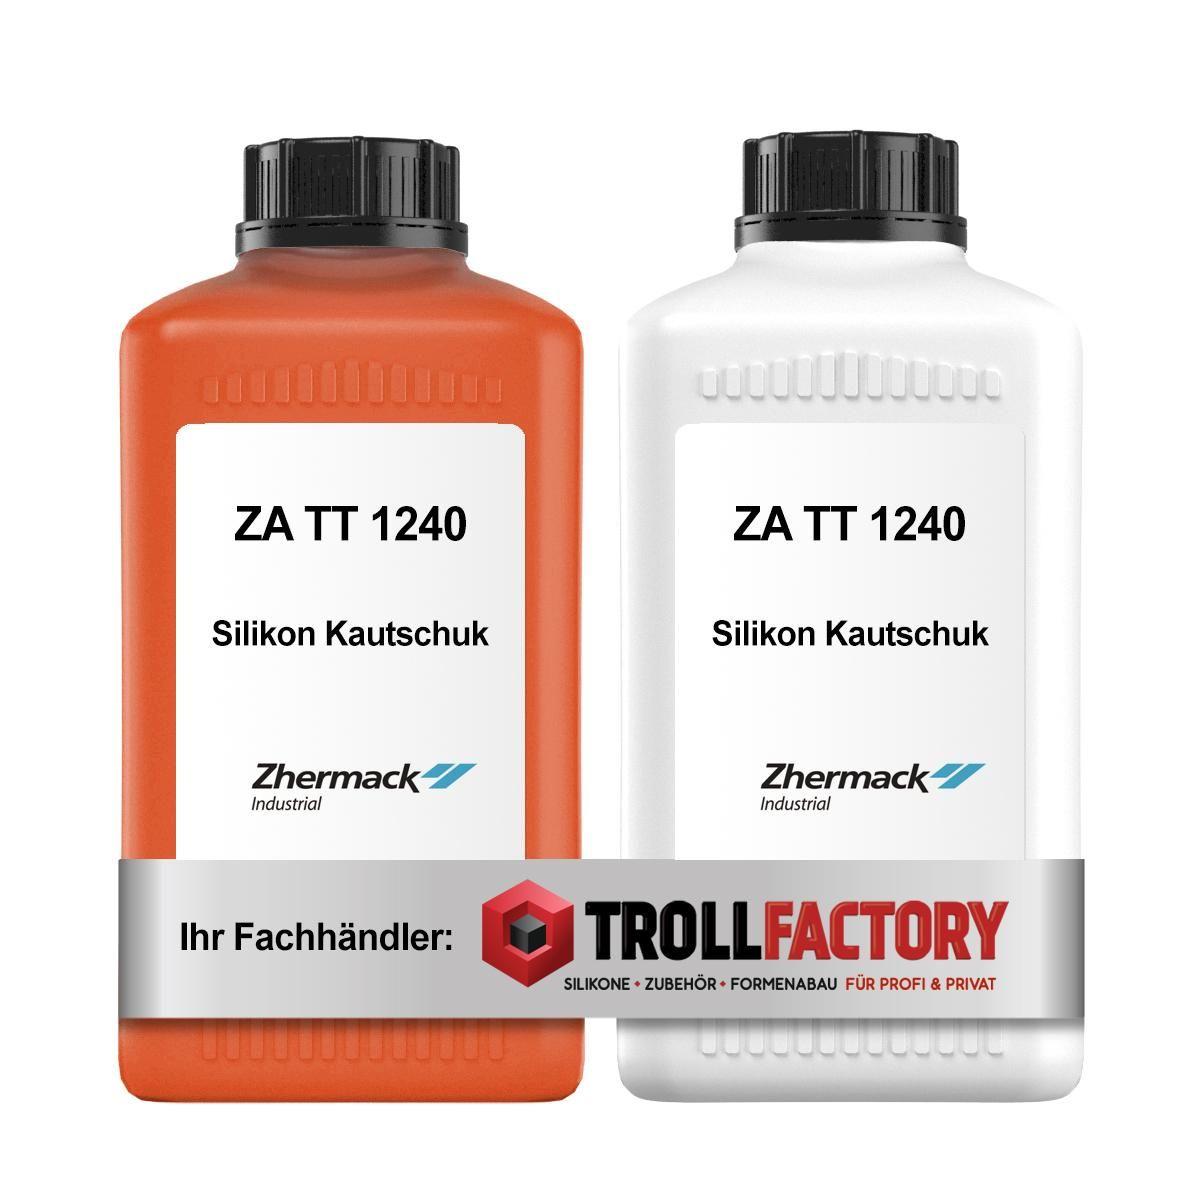 Zhermack Silikon Kautschuk ZA TT 1240 Shore 12